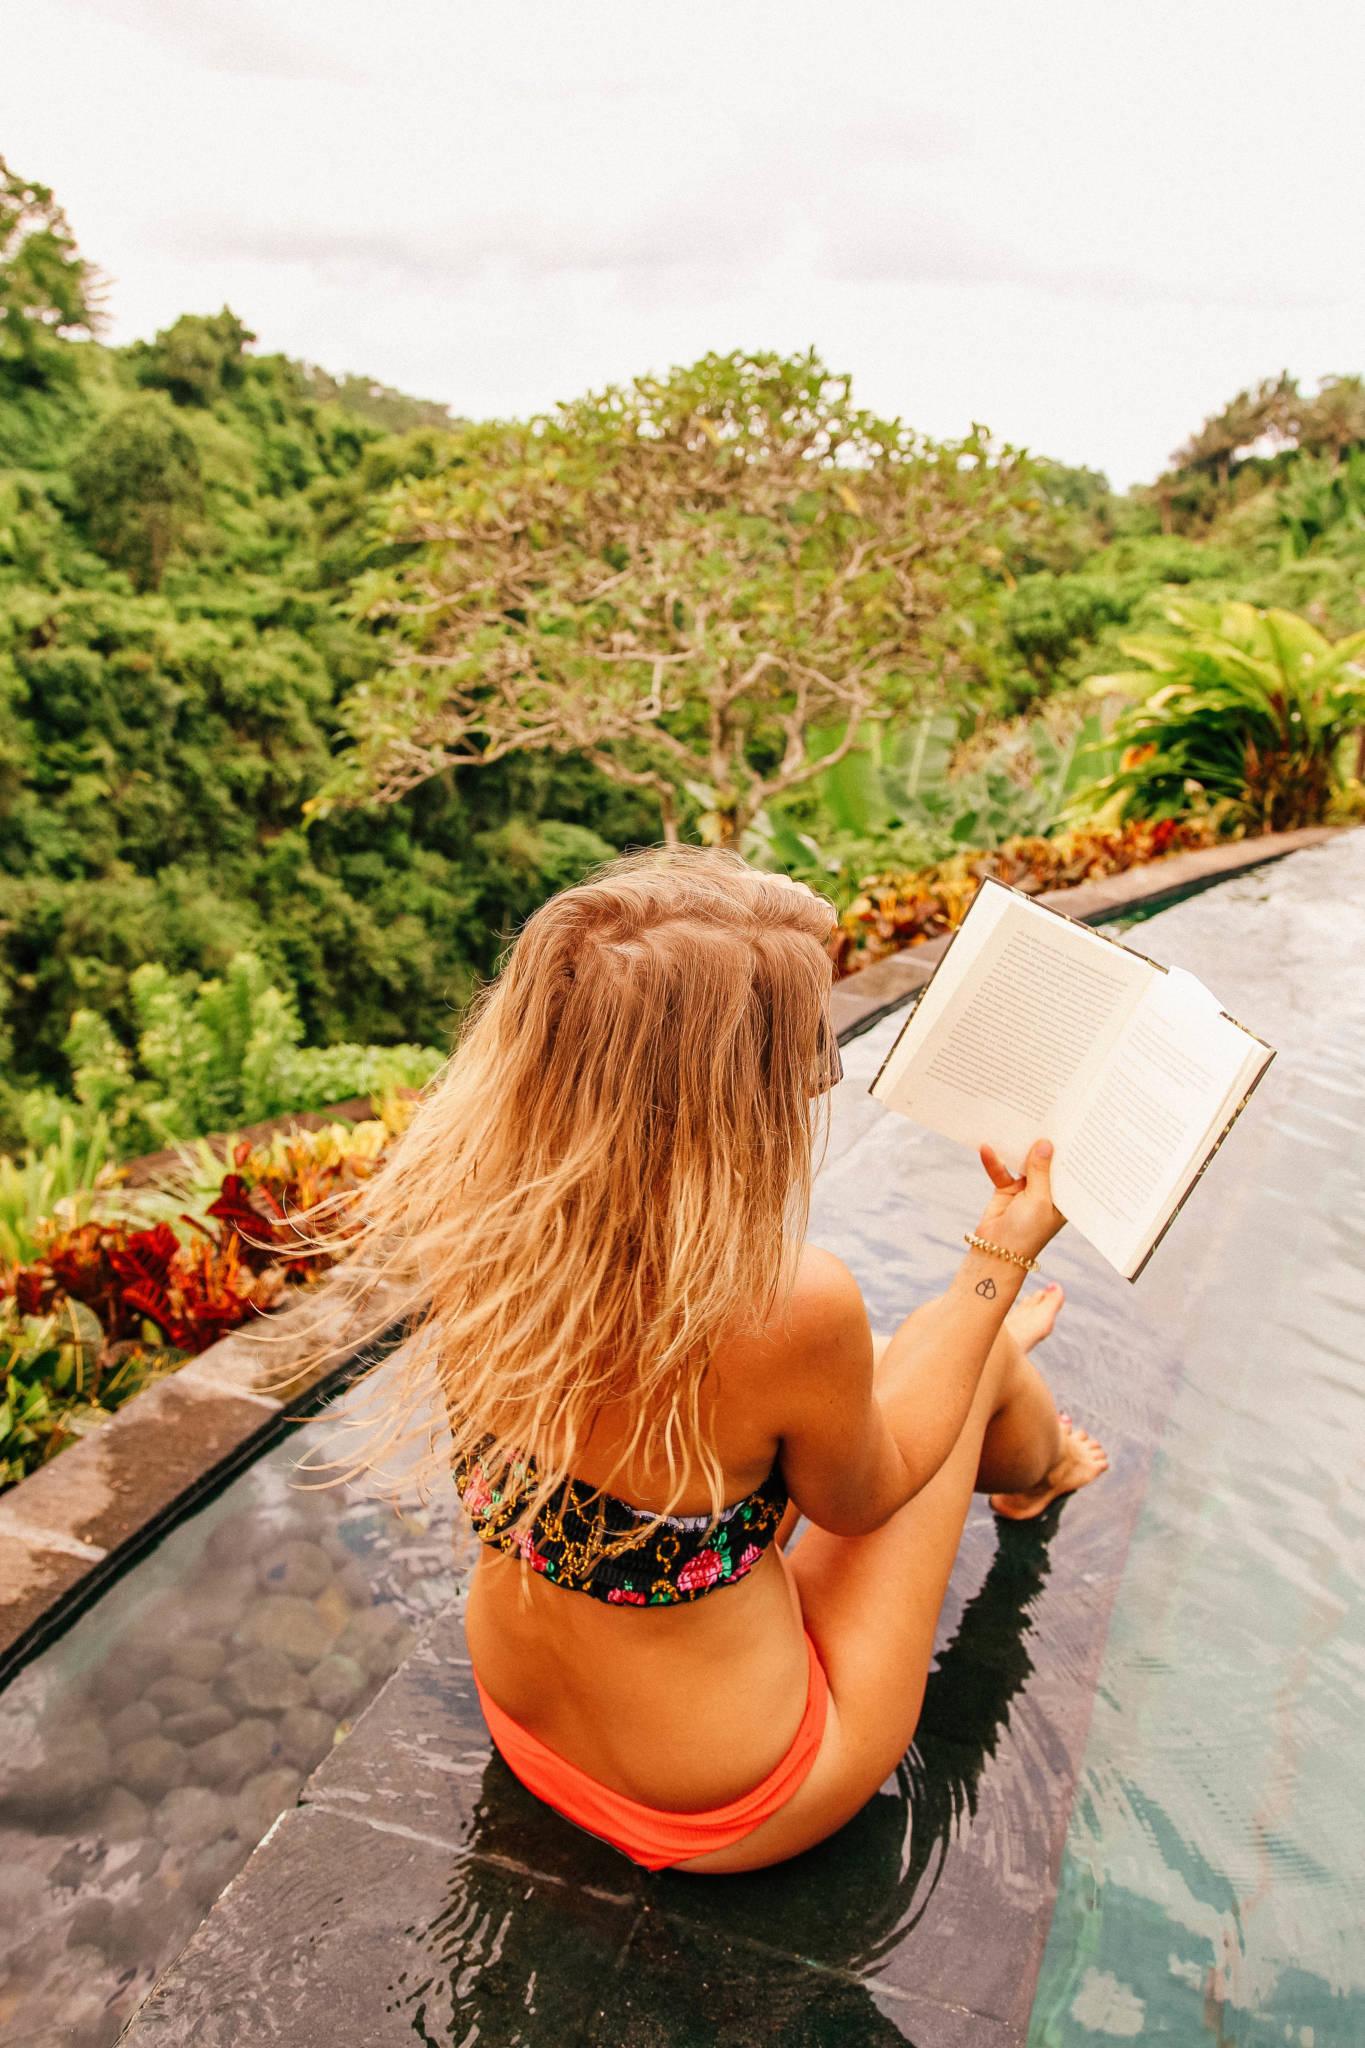 Matkakassatavoite 10 000€: Mihin säästän ja miten?